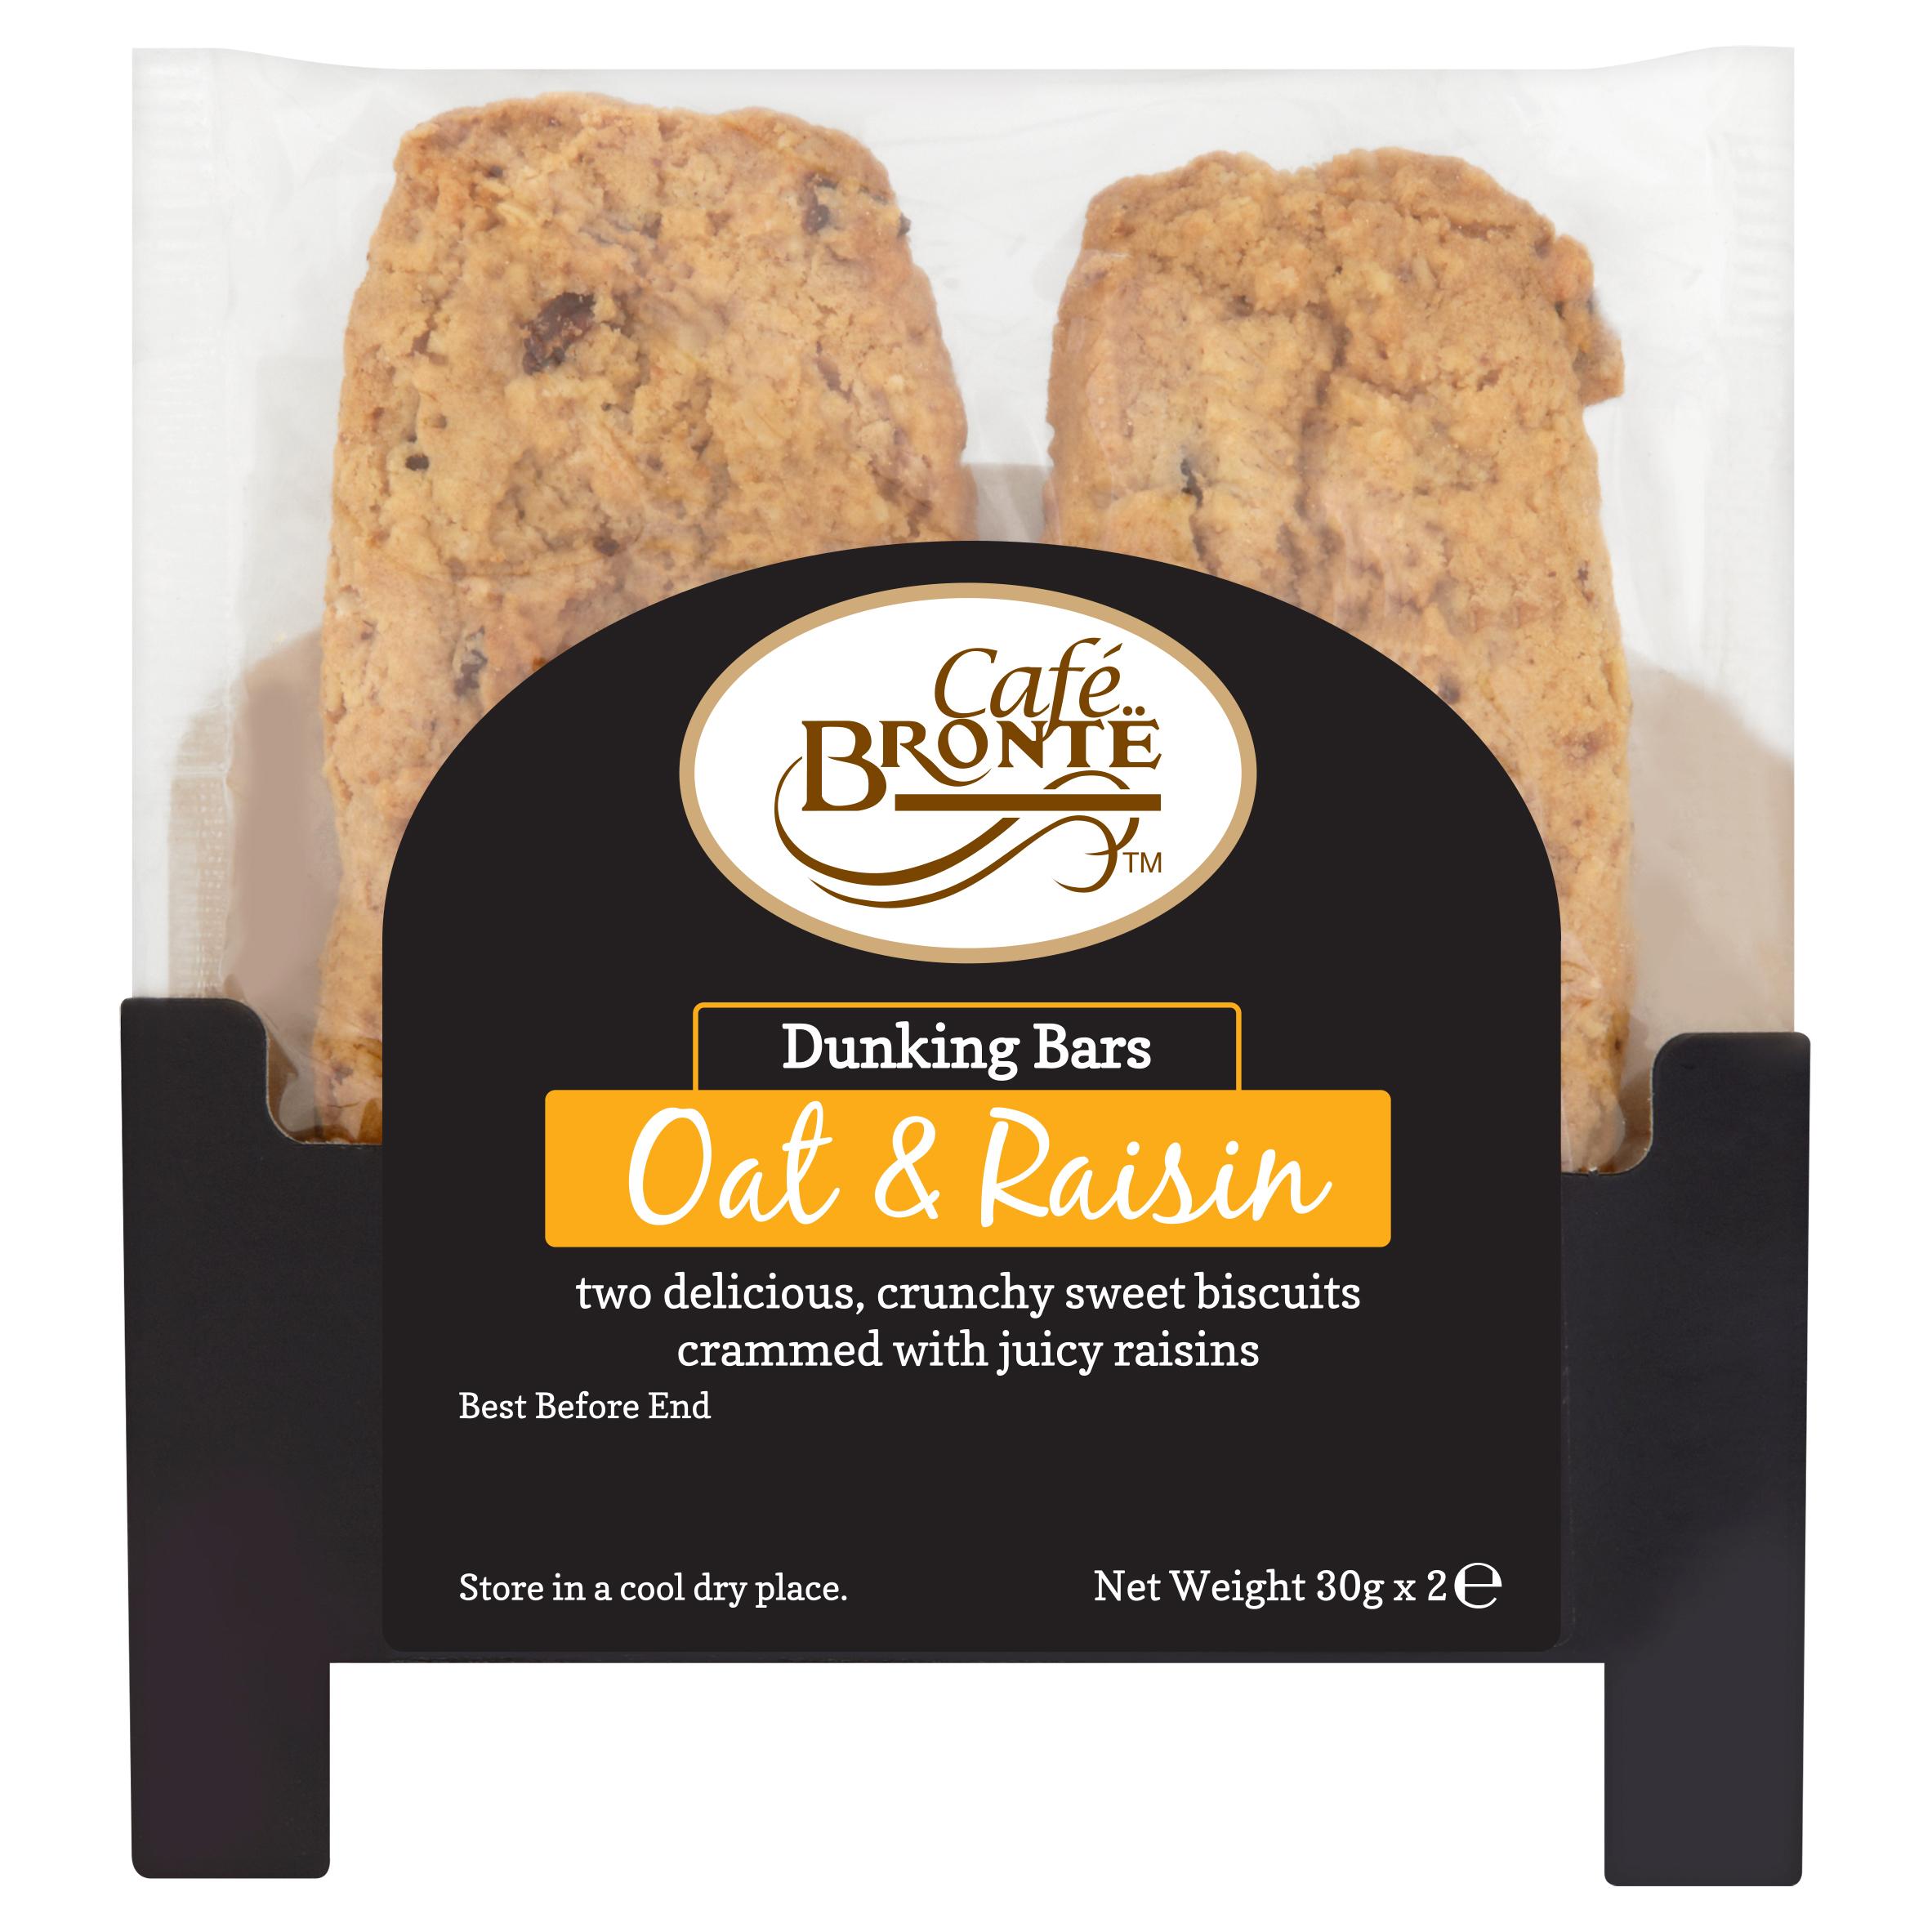 Oat & Raisin Dunking Bars